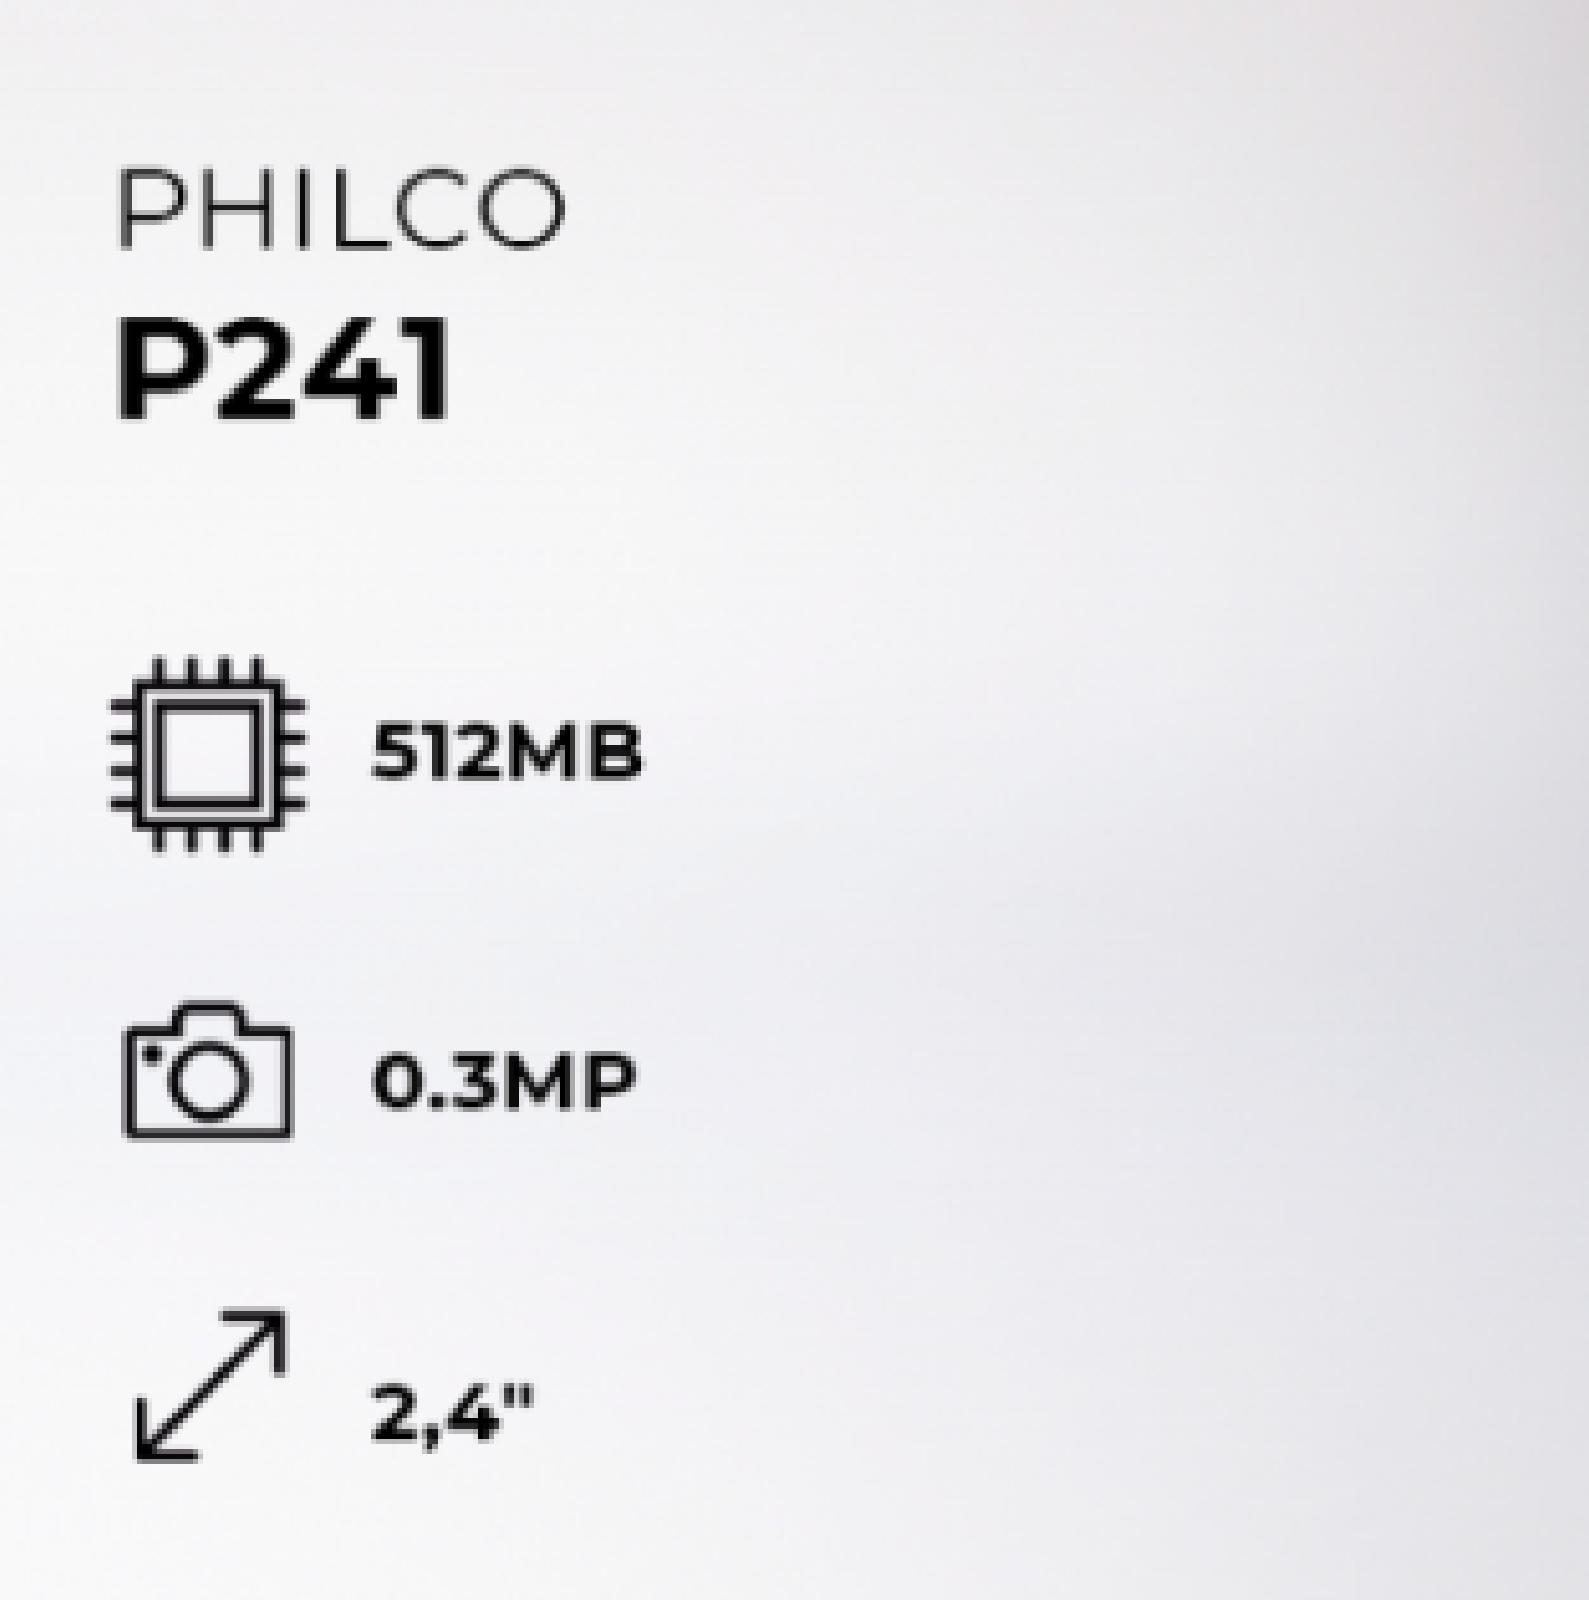 Celular Philco P241 Dual SIM 512 MB